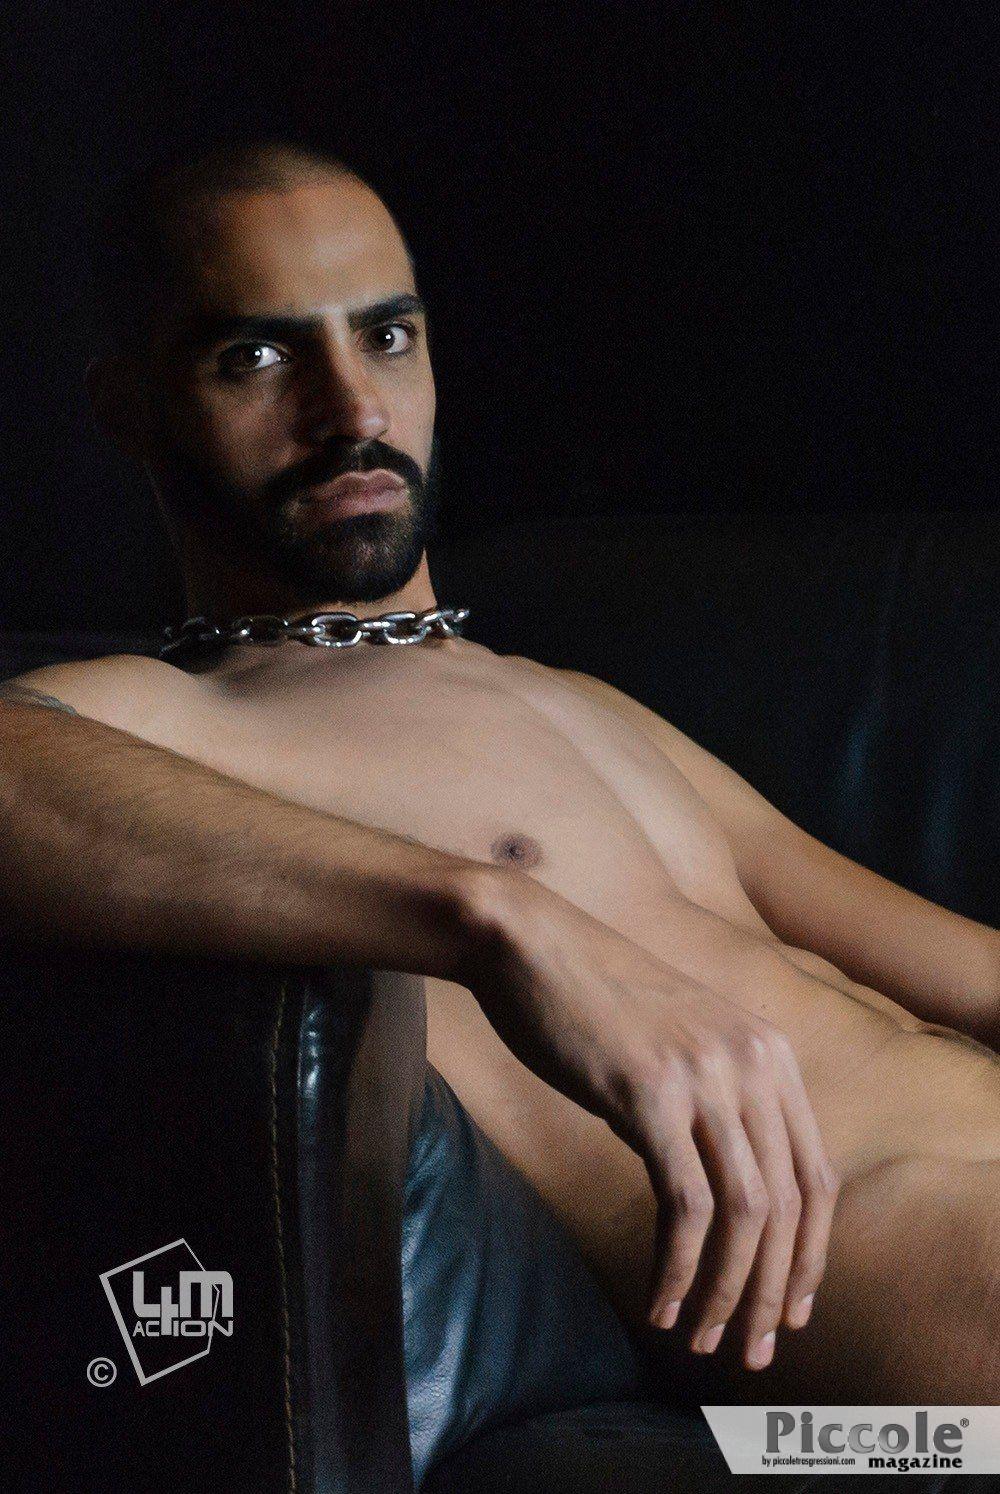 Intervista a MASTER JHONNY: 'La sessualità fa parte di tutti noi'